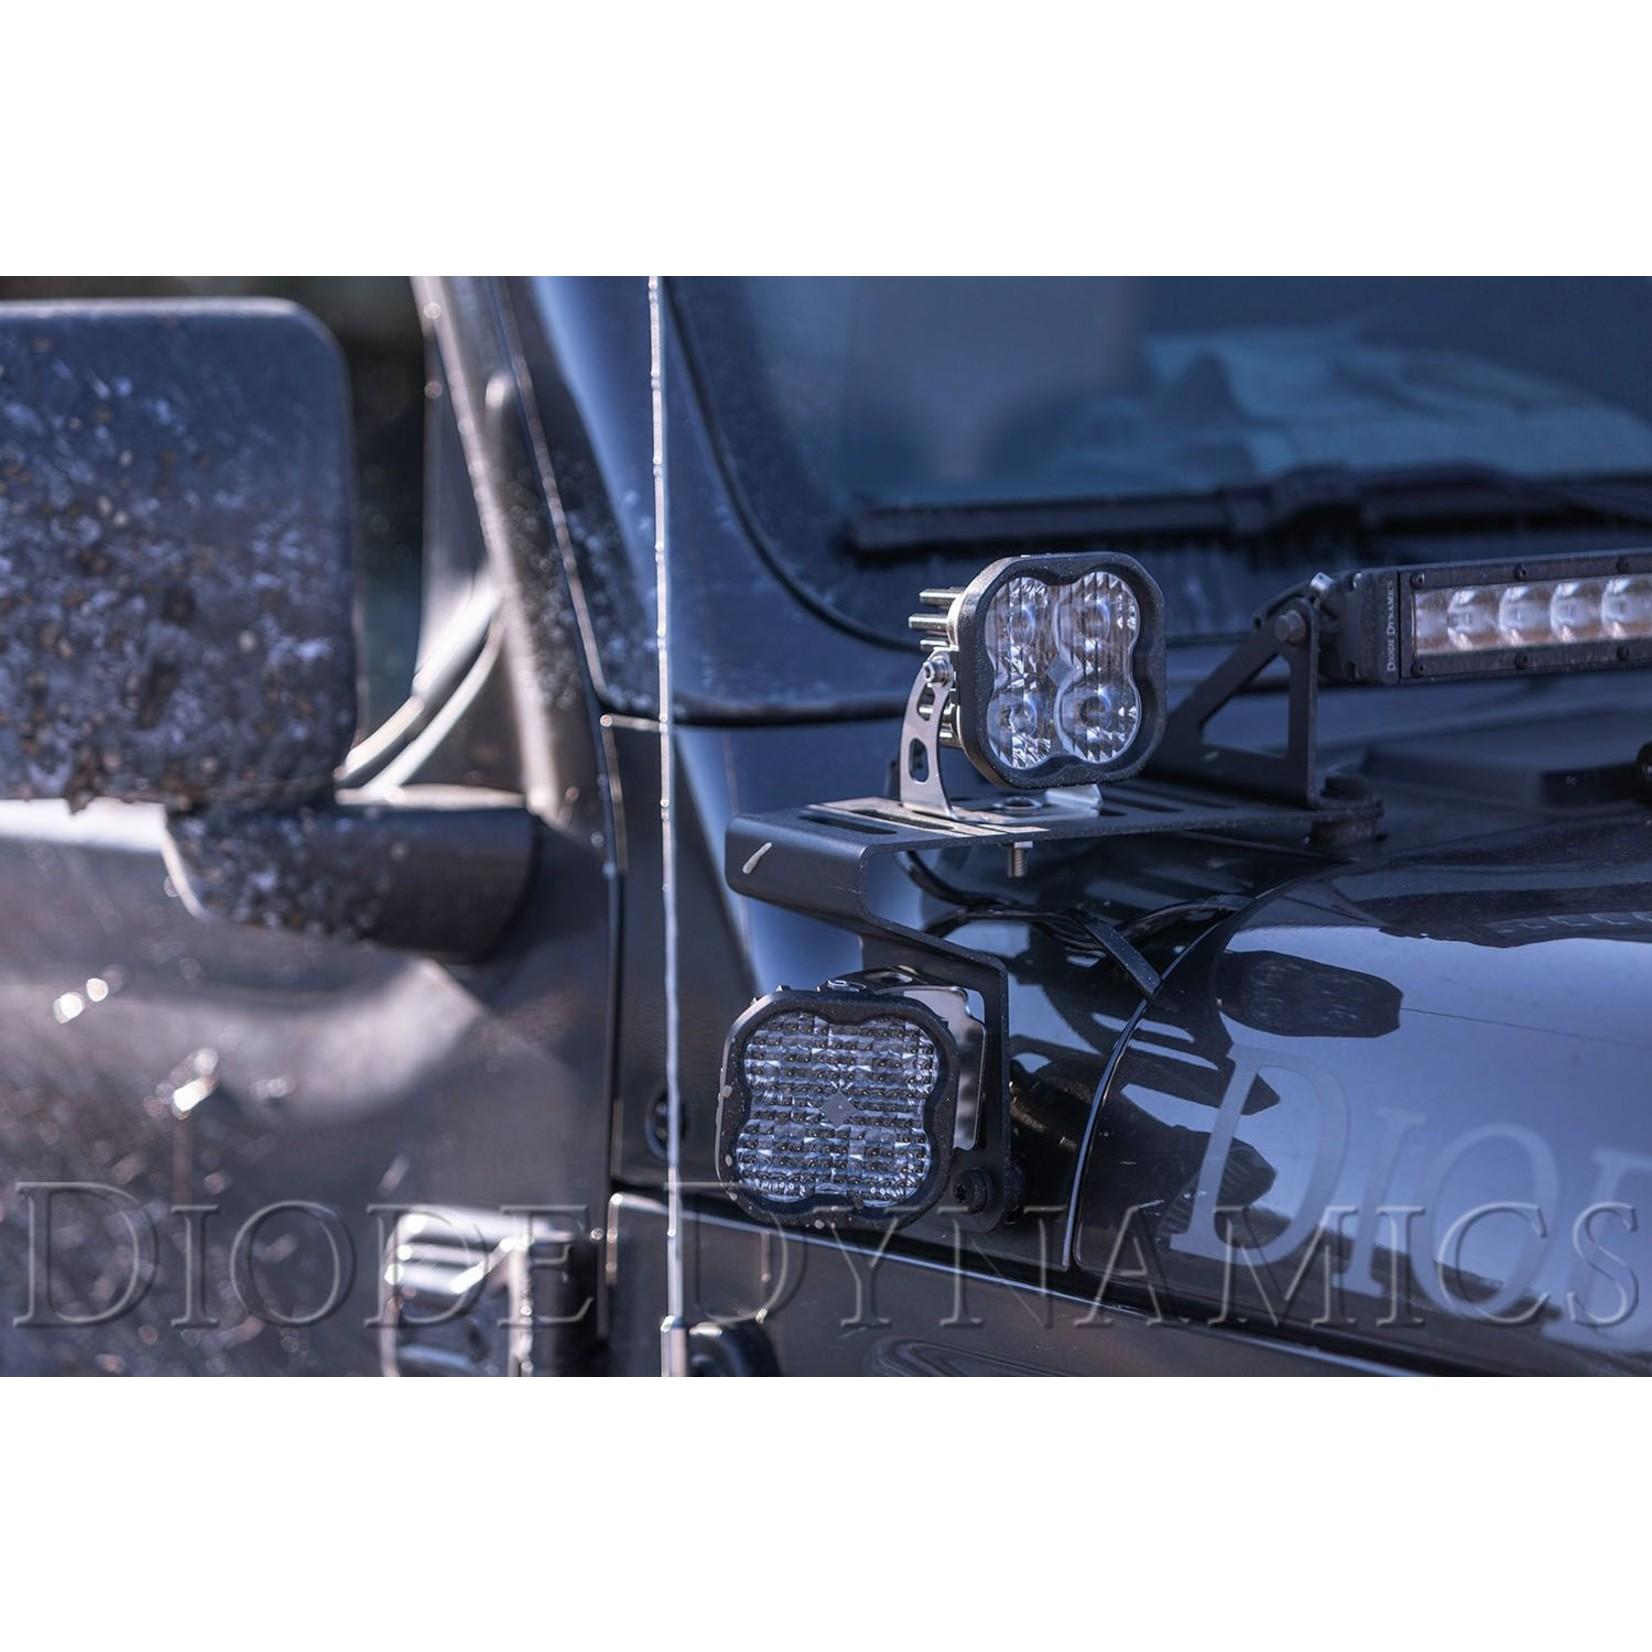 Diode Dynamics Diode Dynamics SS3 Sport Standard White LED Pod